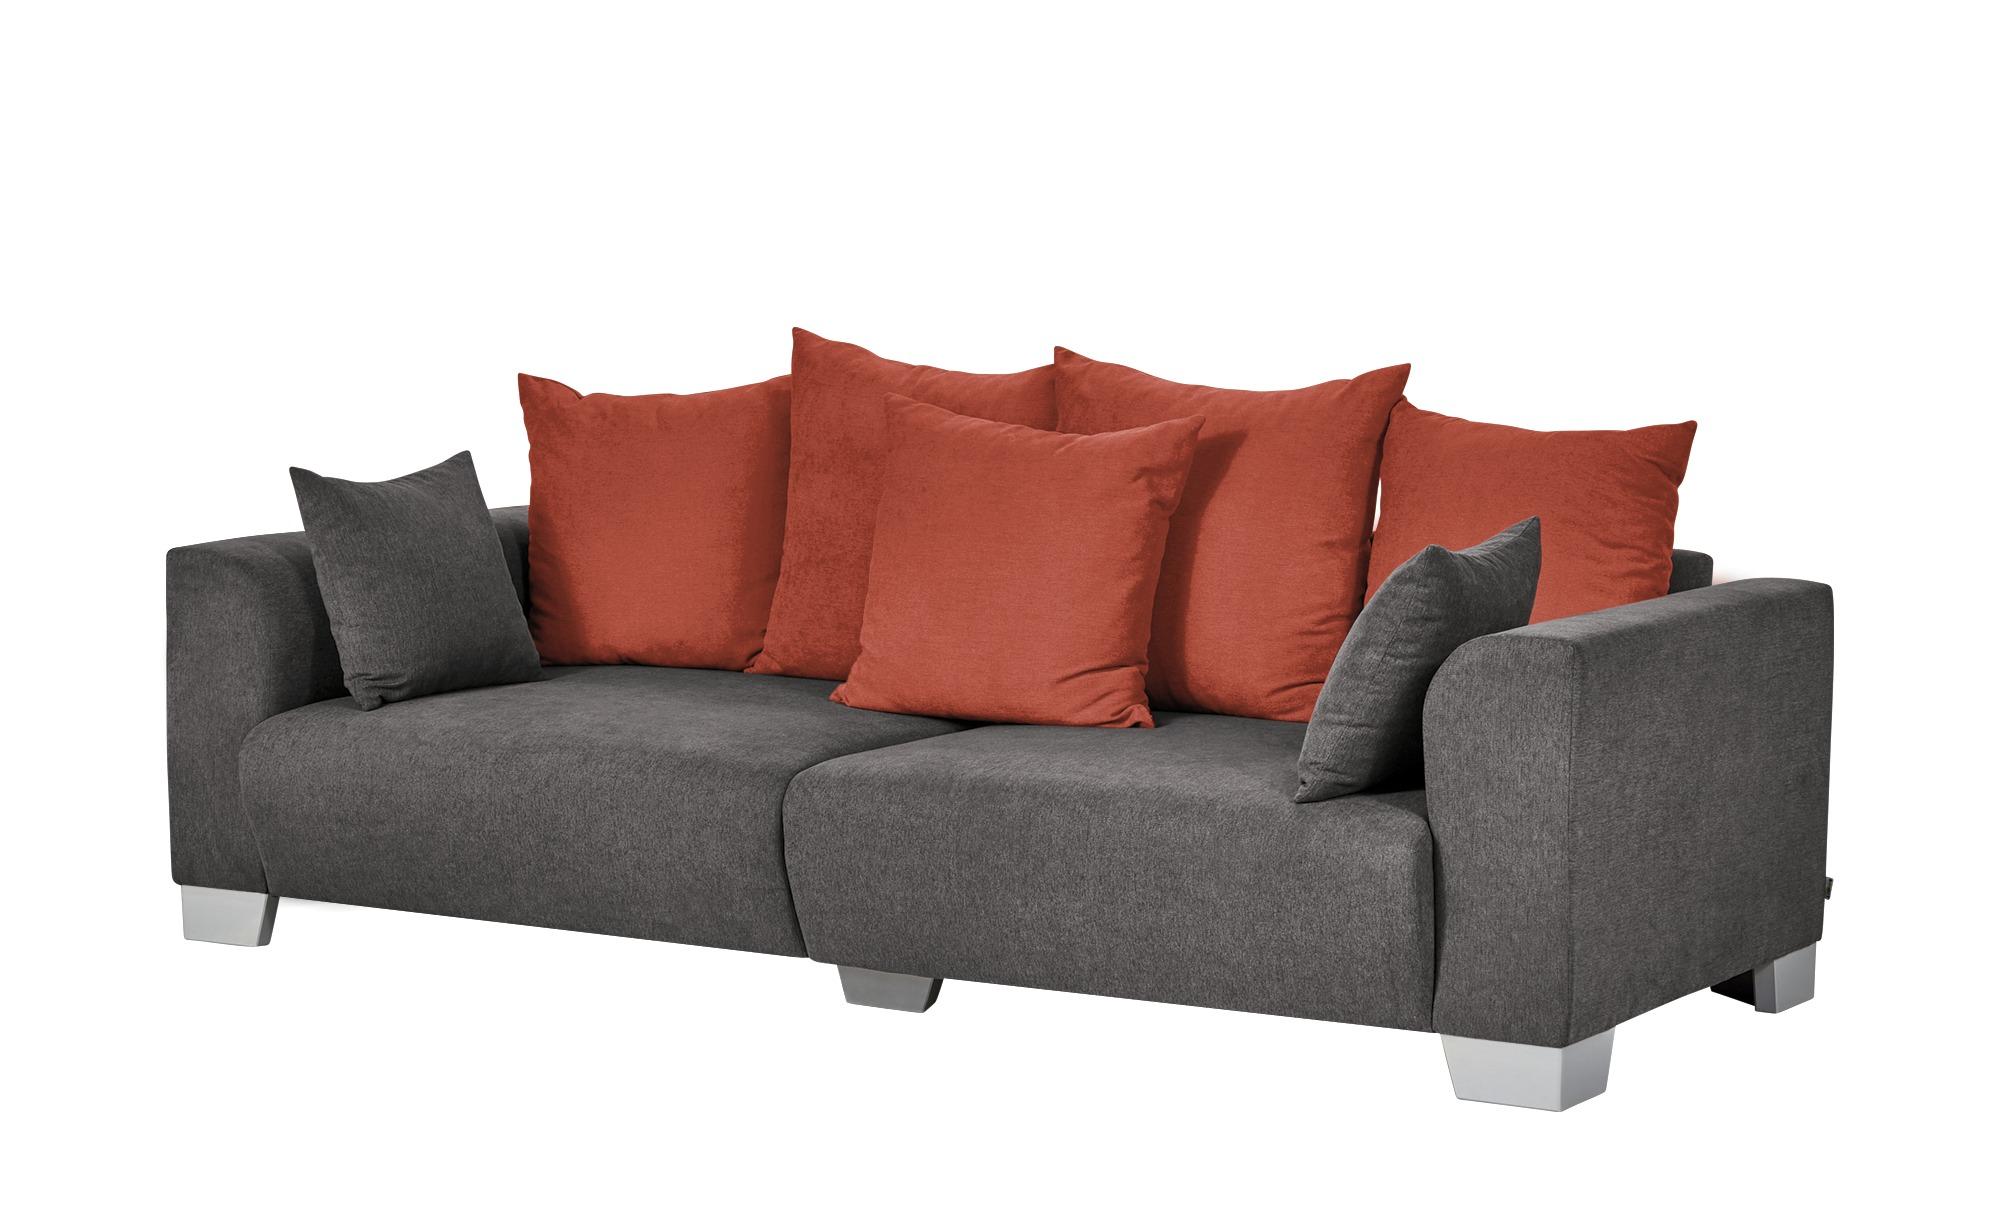 Full Size of Smart Big Sofa Grau Braun Flachgewebe Tonja Schlamm Orange Günstige Halbrund Modernes 2er Megapol Chesterfield Günstig Xxl Mit Schlaffunktion Federkern Sofa Höffner Big Sofa